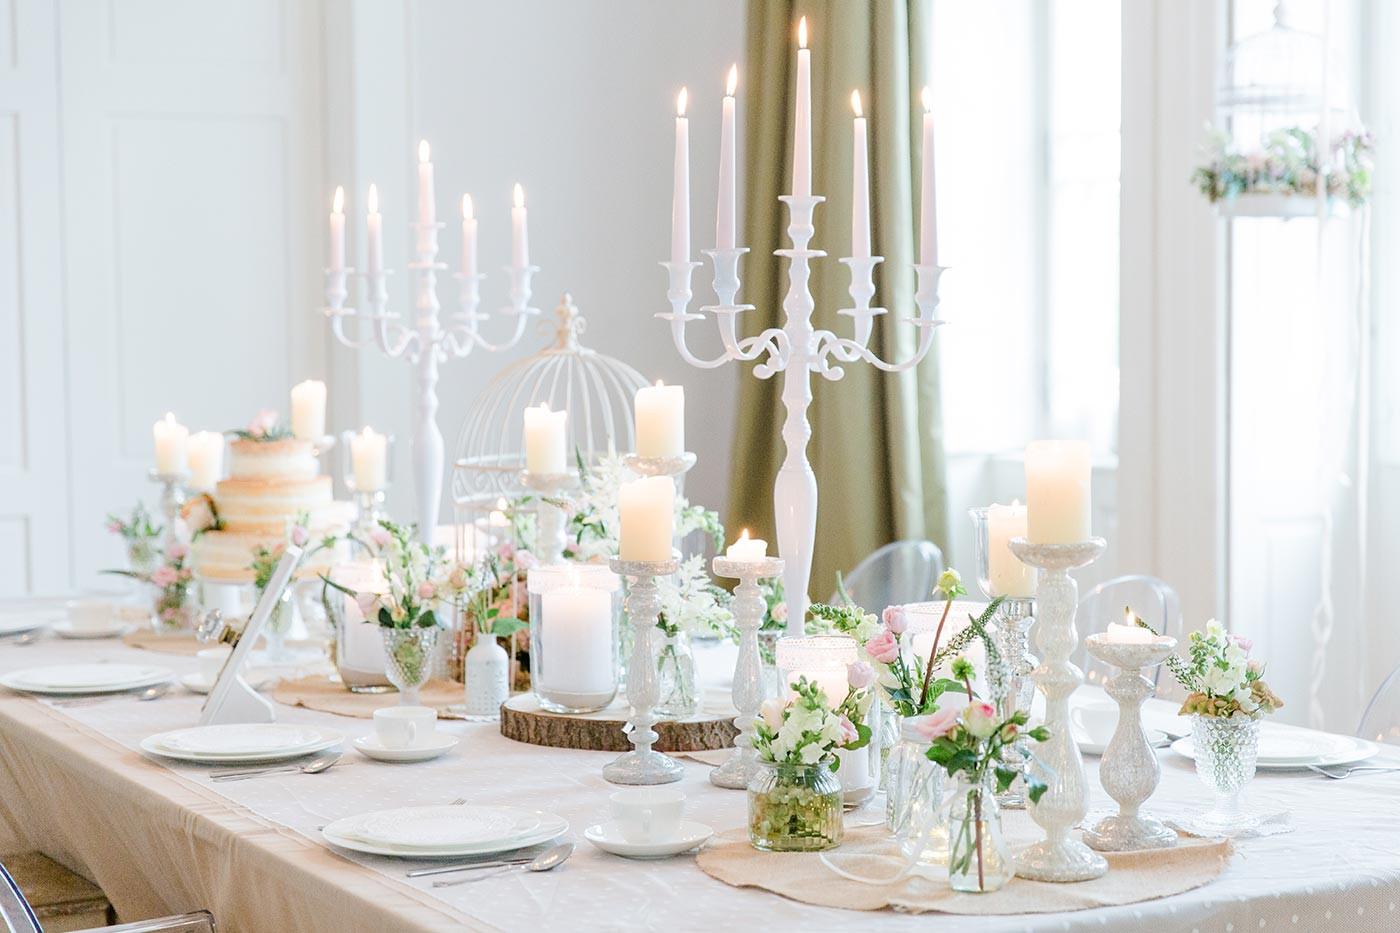 Hochzeit Tisch  Deko Tisch für Hochzeit I Ideen in der Bildergalerie